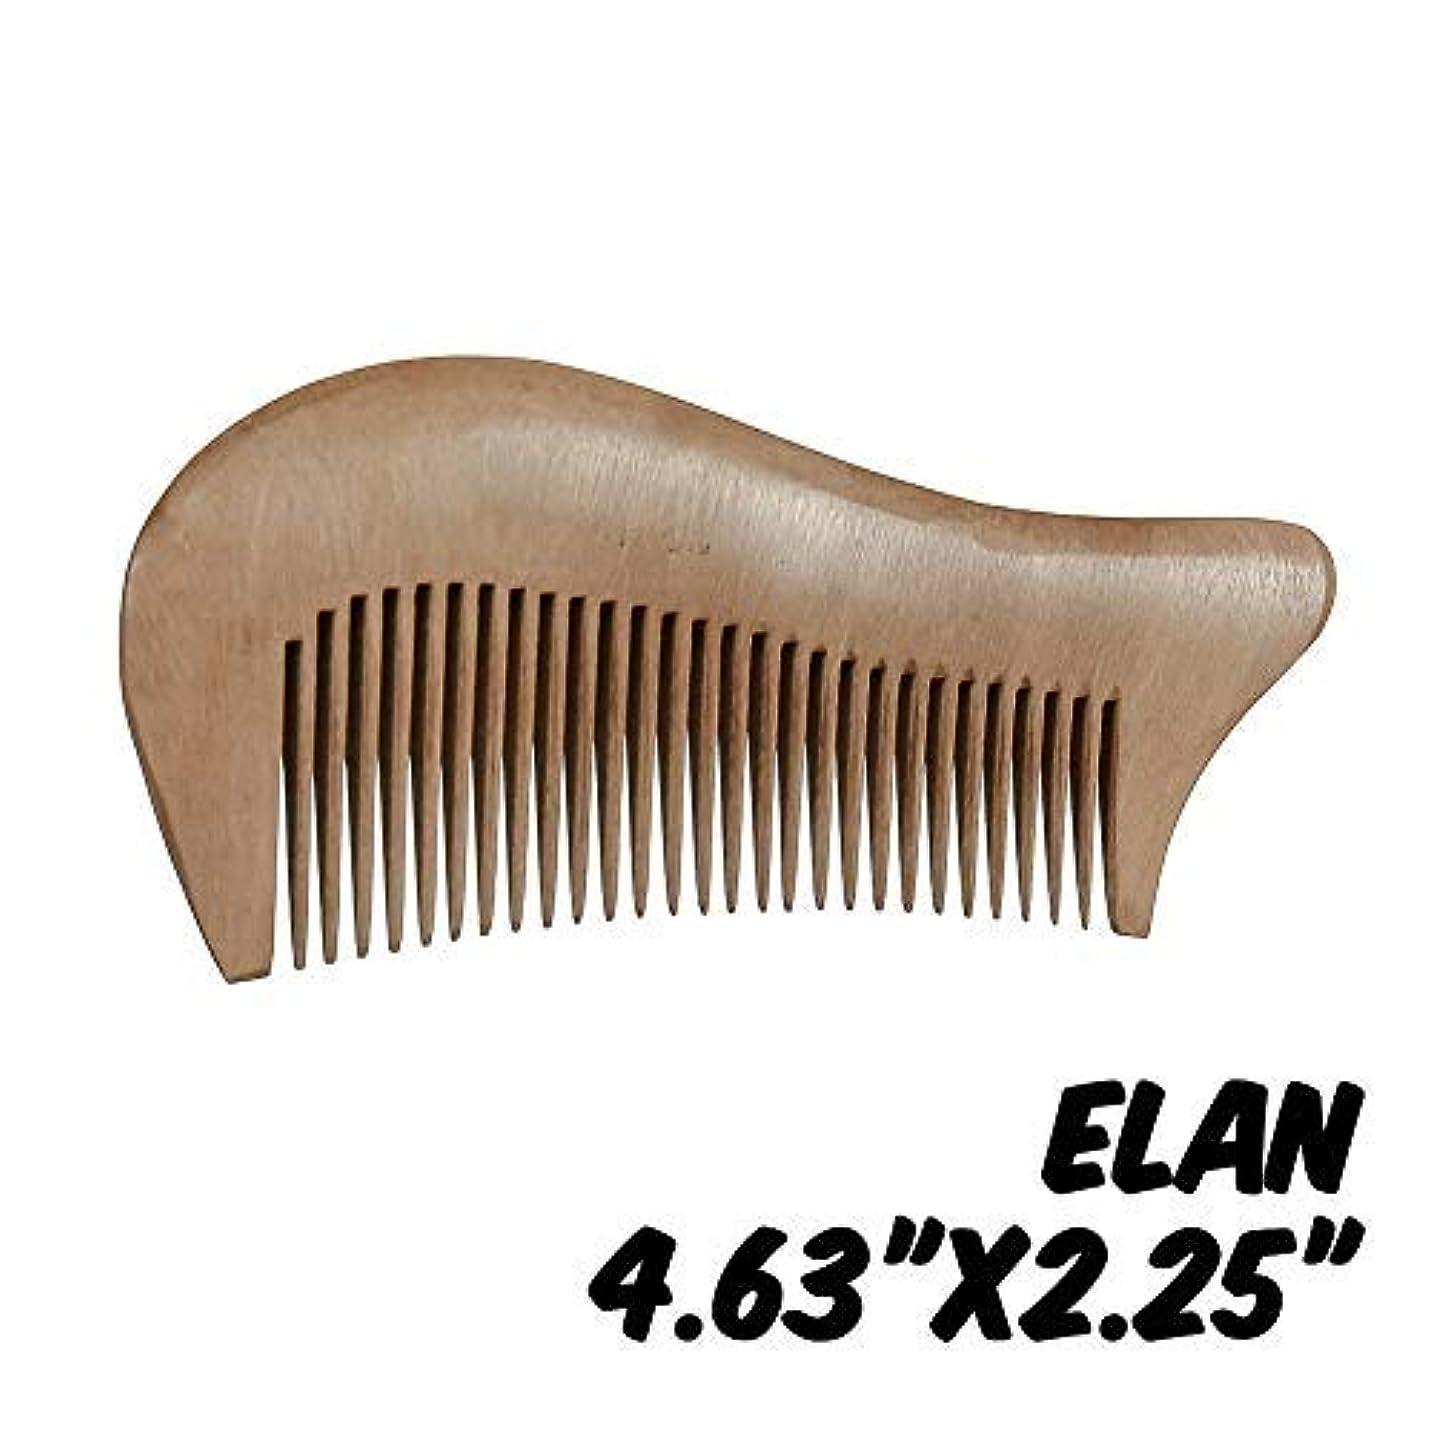 進化する豊富例示するMarkin Arts Elan Series Handmade Natural Organic Indian Lilac Wood Anti-Static Hypoallergenic Pocket Handle Dry Comb Healthy Shiny Hair Beard Bristle Stubble Styling Grooming Brush 4.63